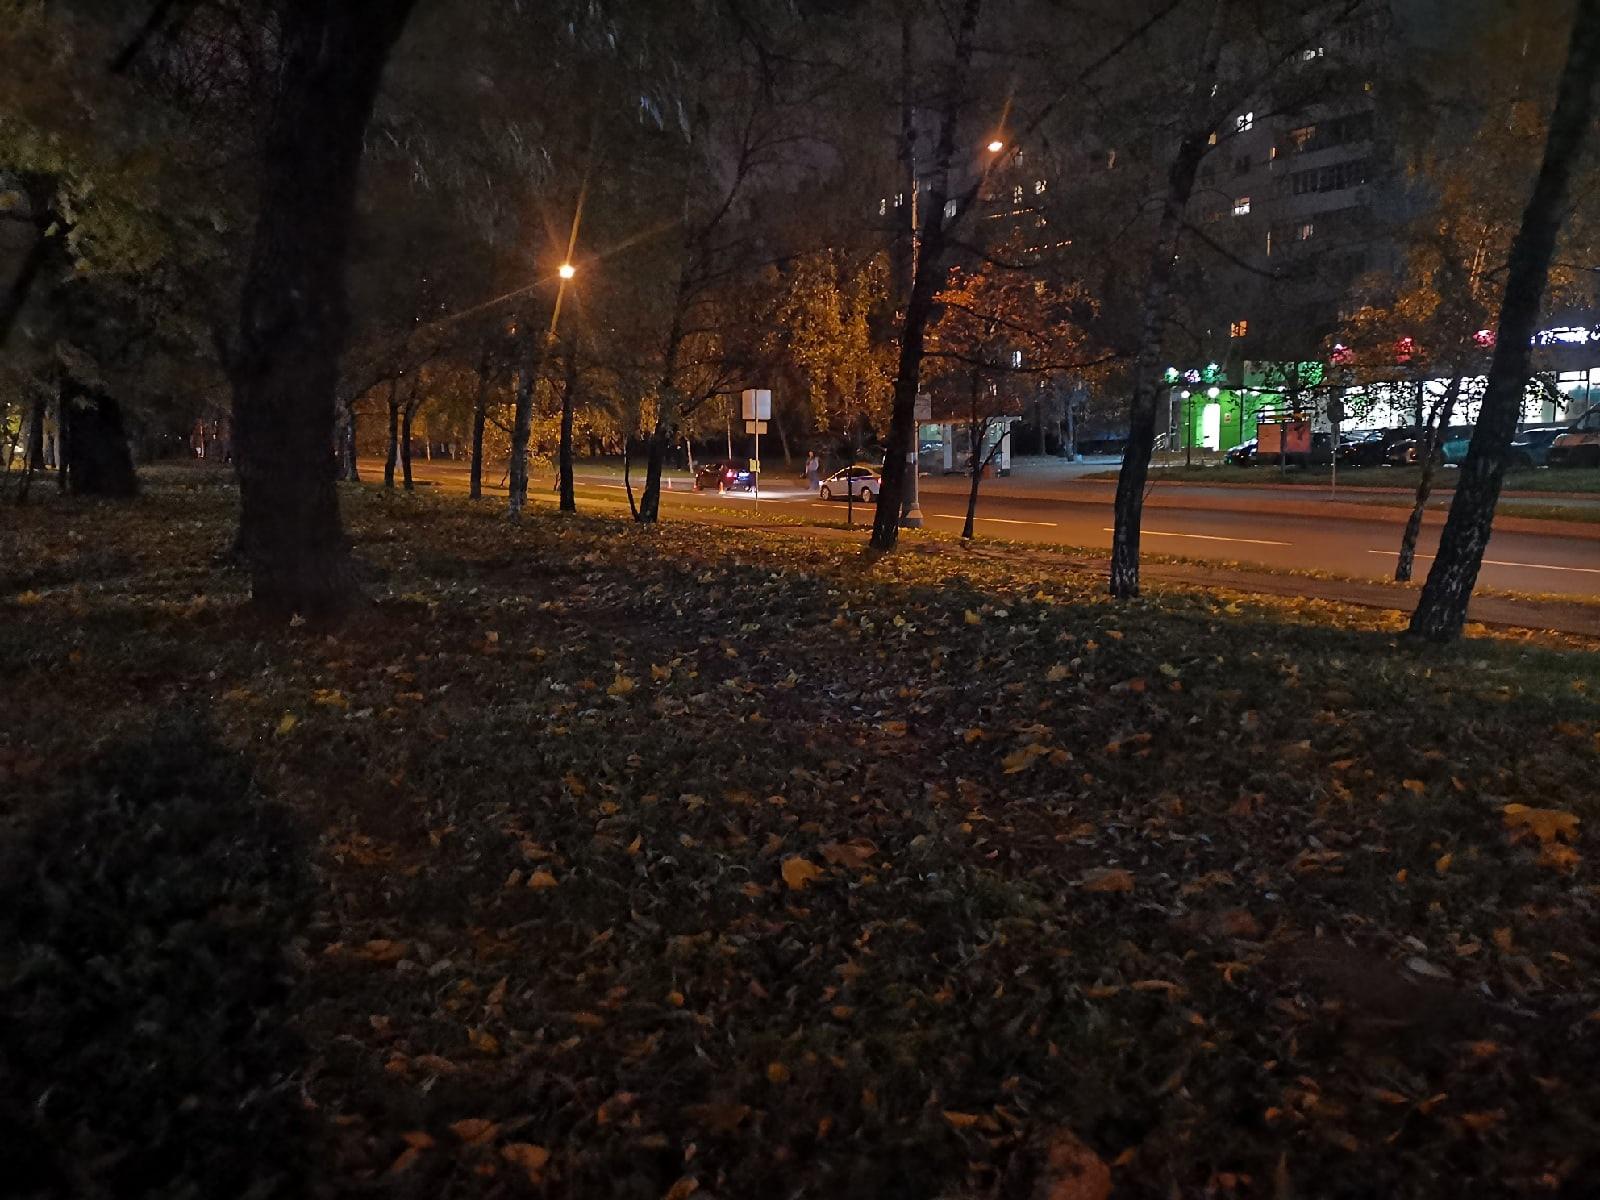 Минут 30 назад на Алтайской улице, напротив дома 9а (Пятёрочка) сбили бабушку.